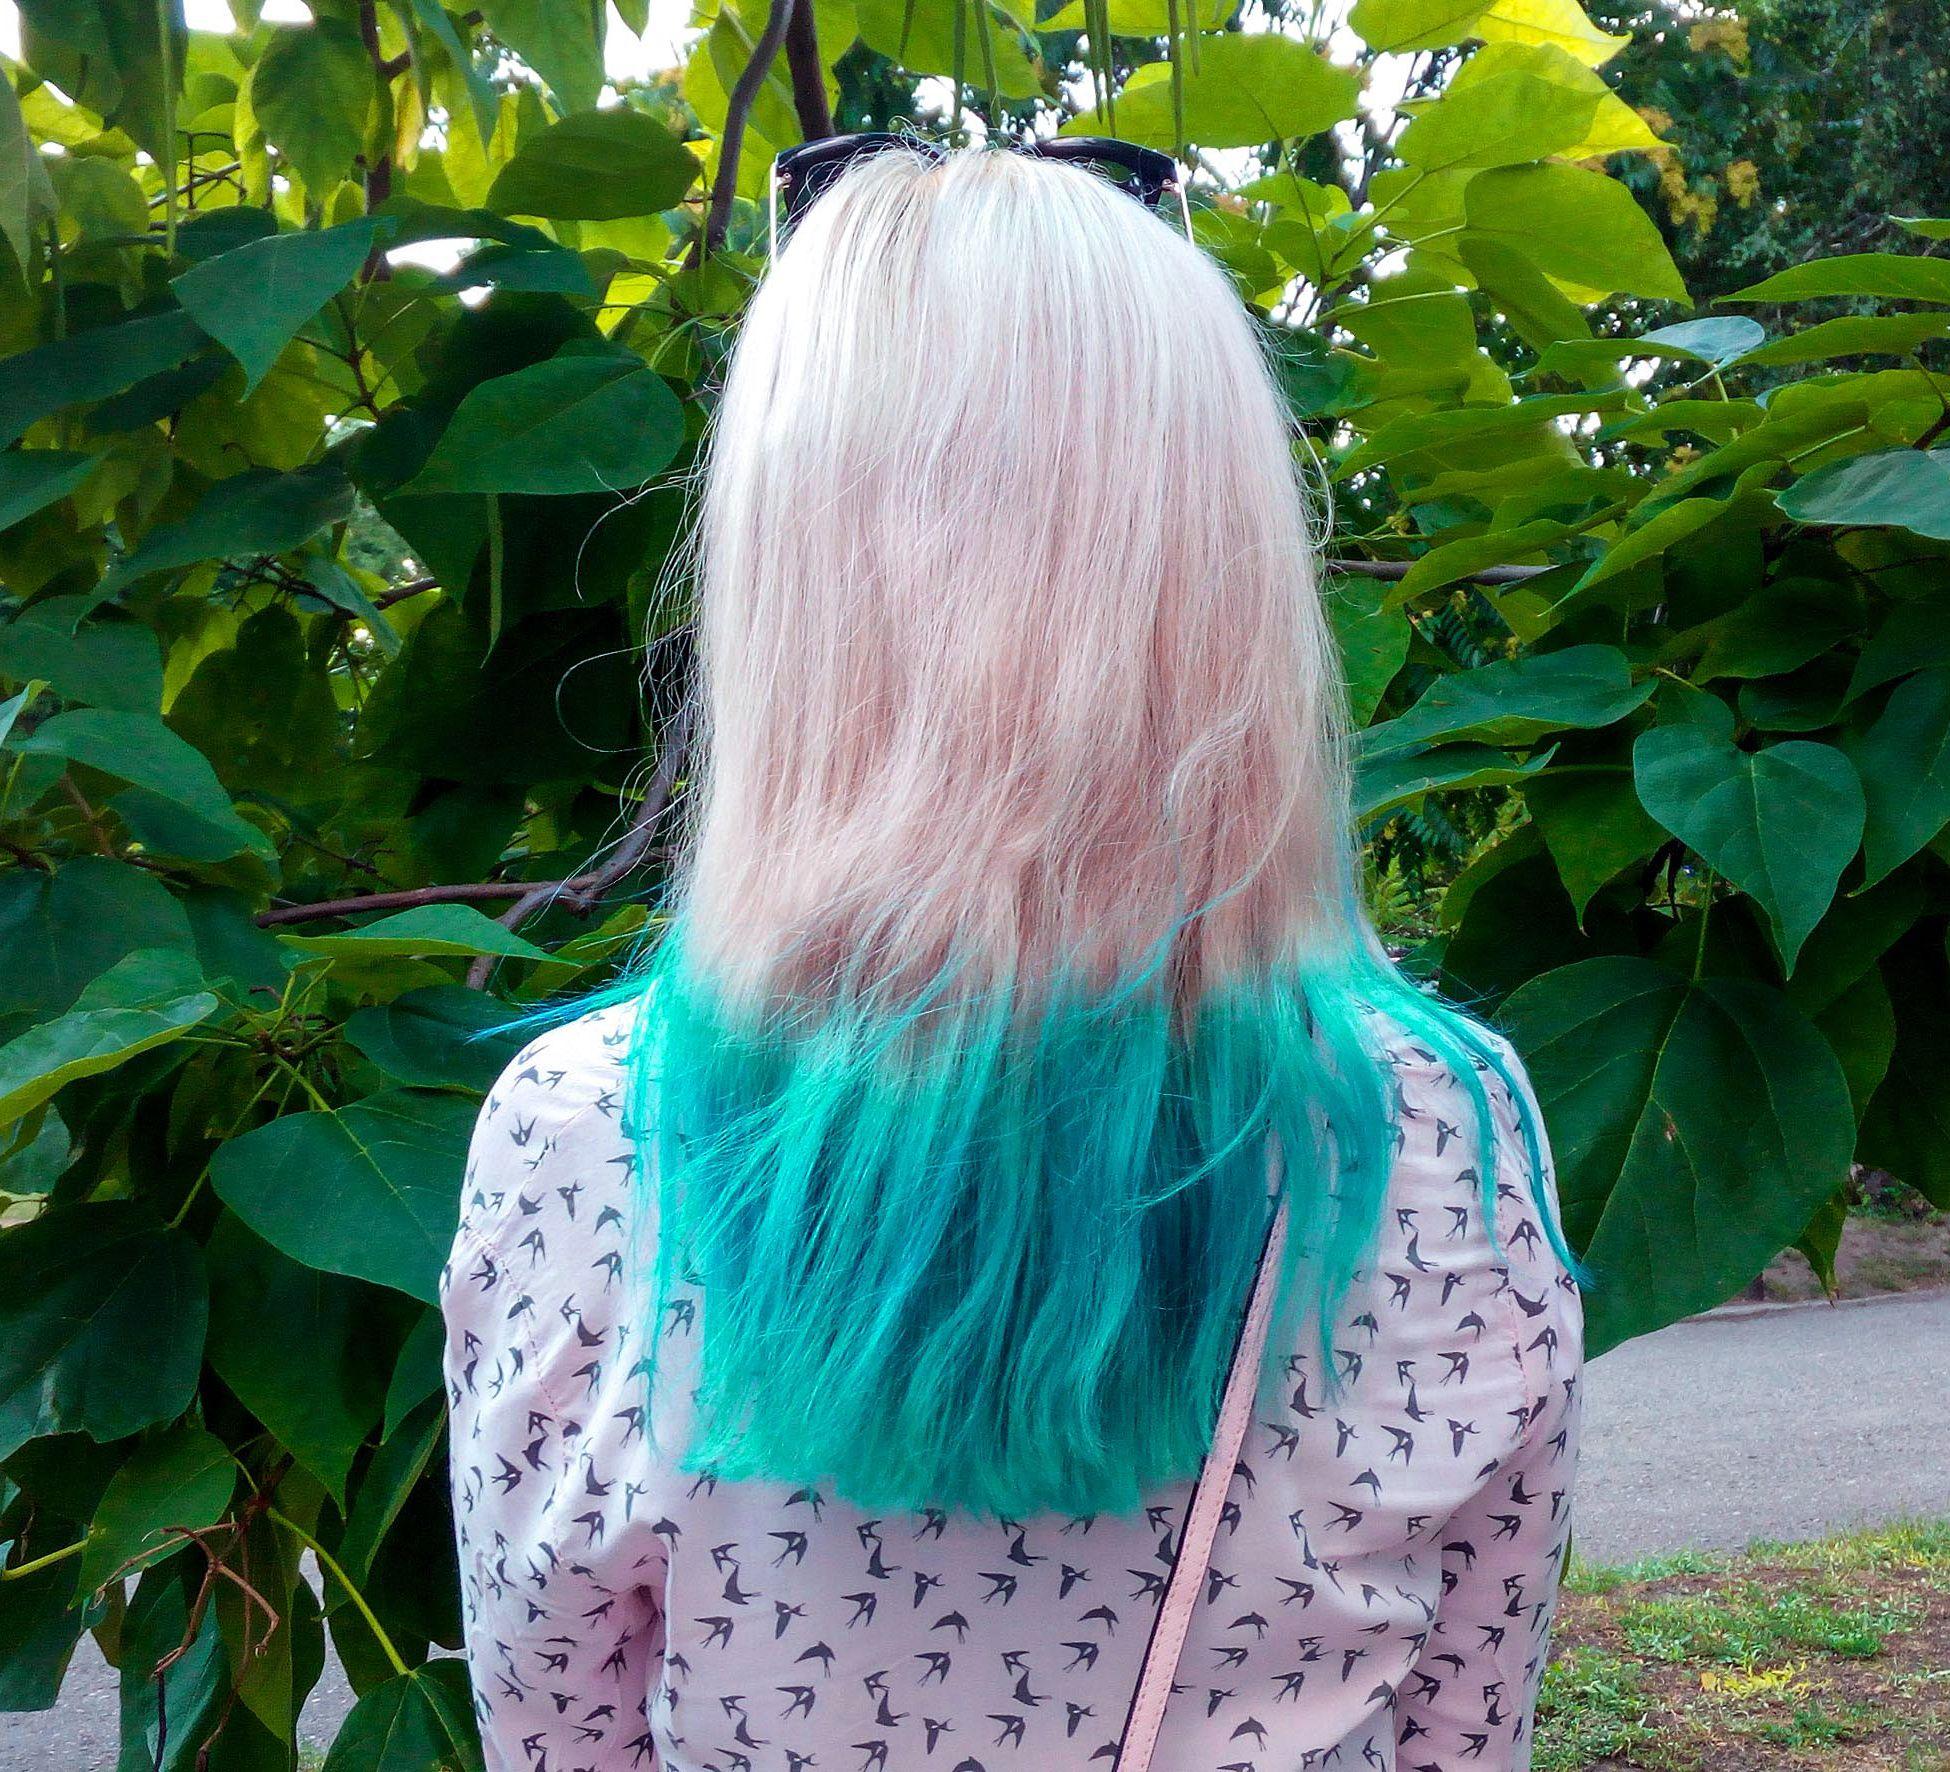 мятный цвет волос картинки грузди